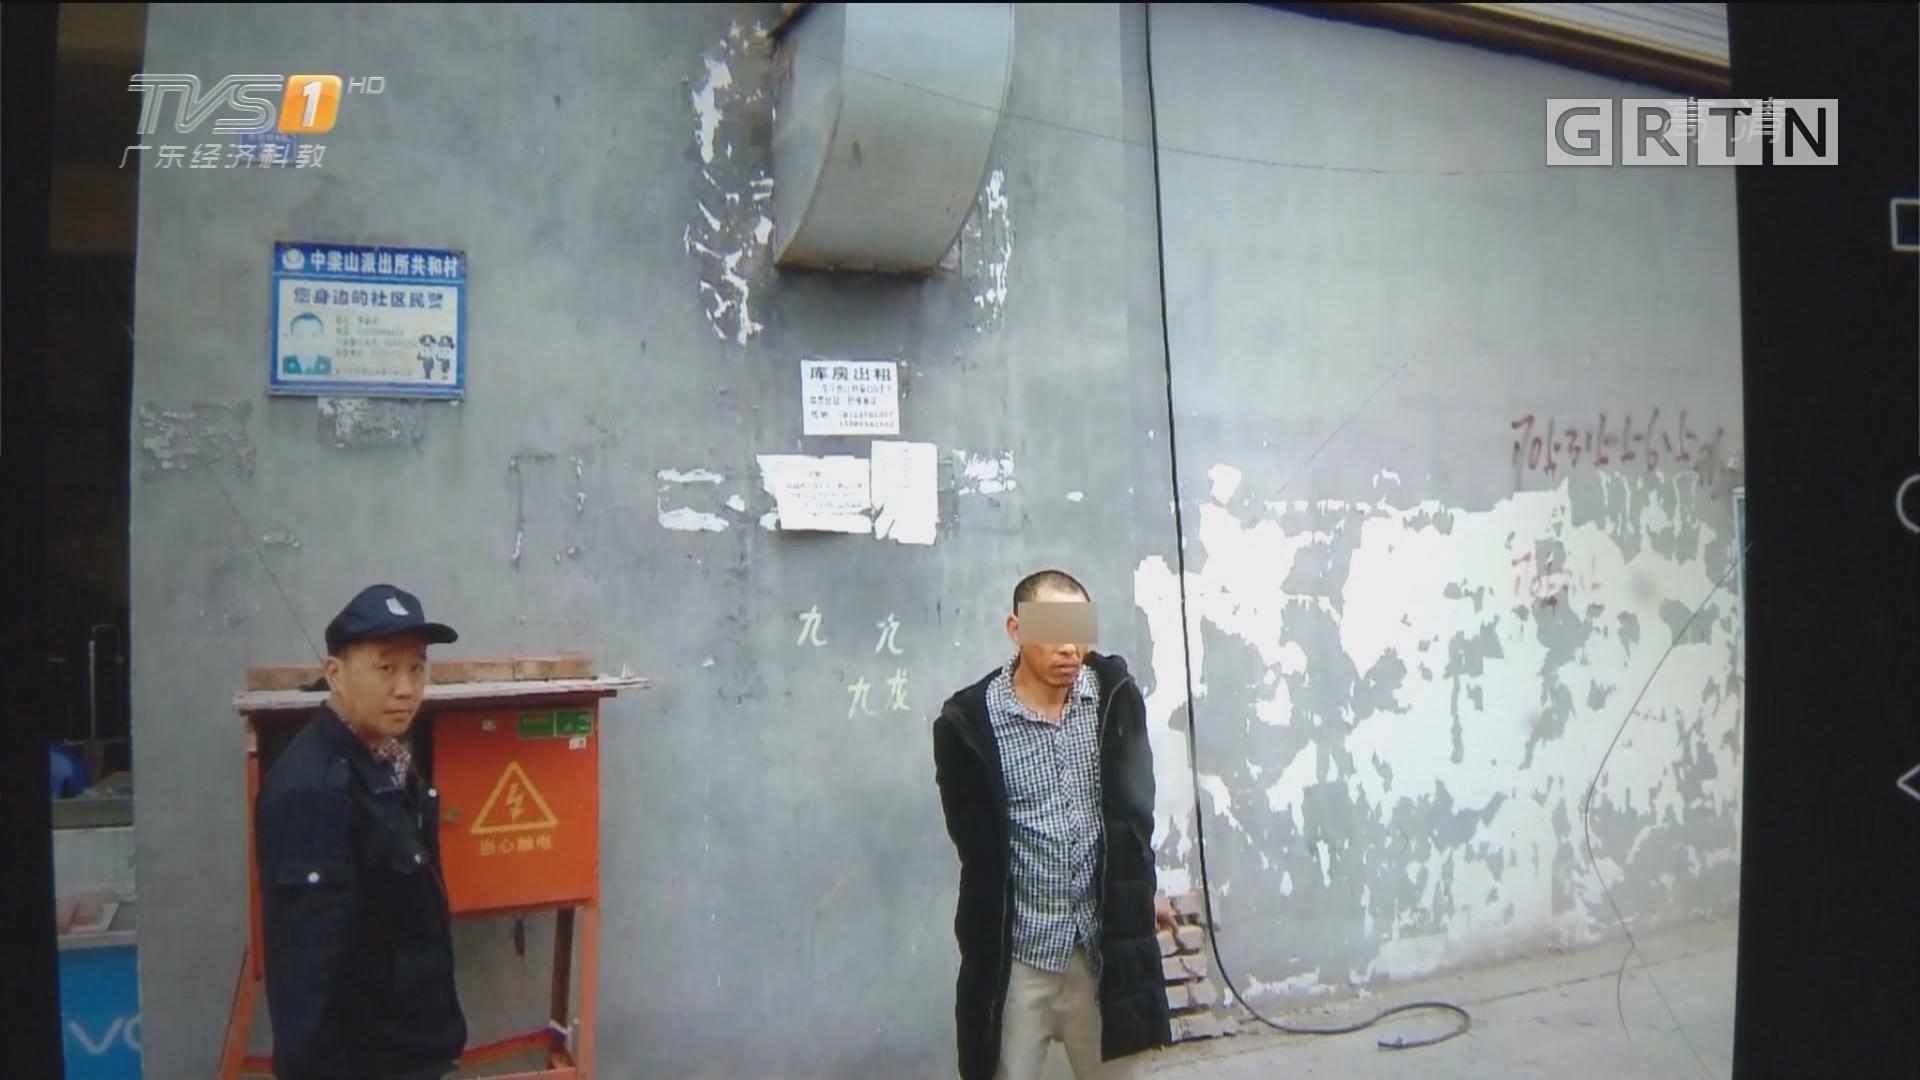 重庆:笨贼化身蒙面大盗 一番操作令人捧腹